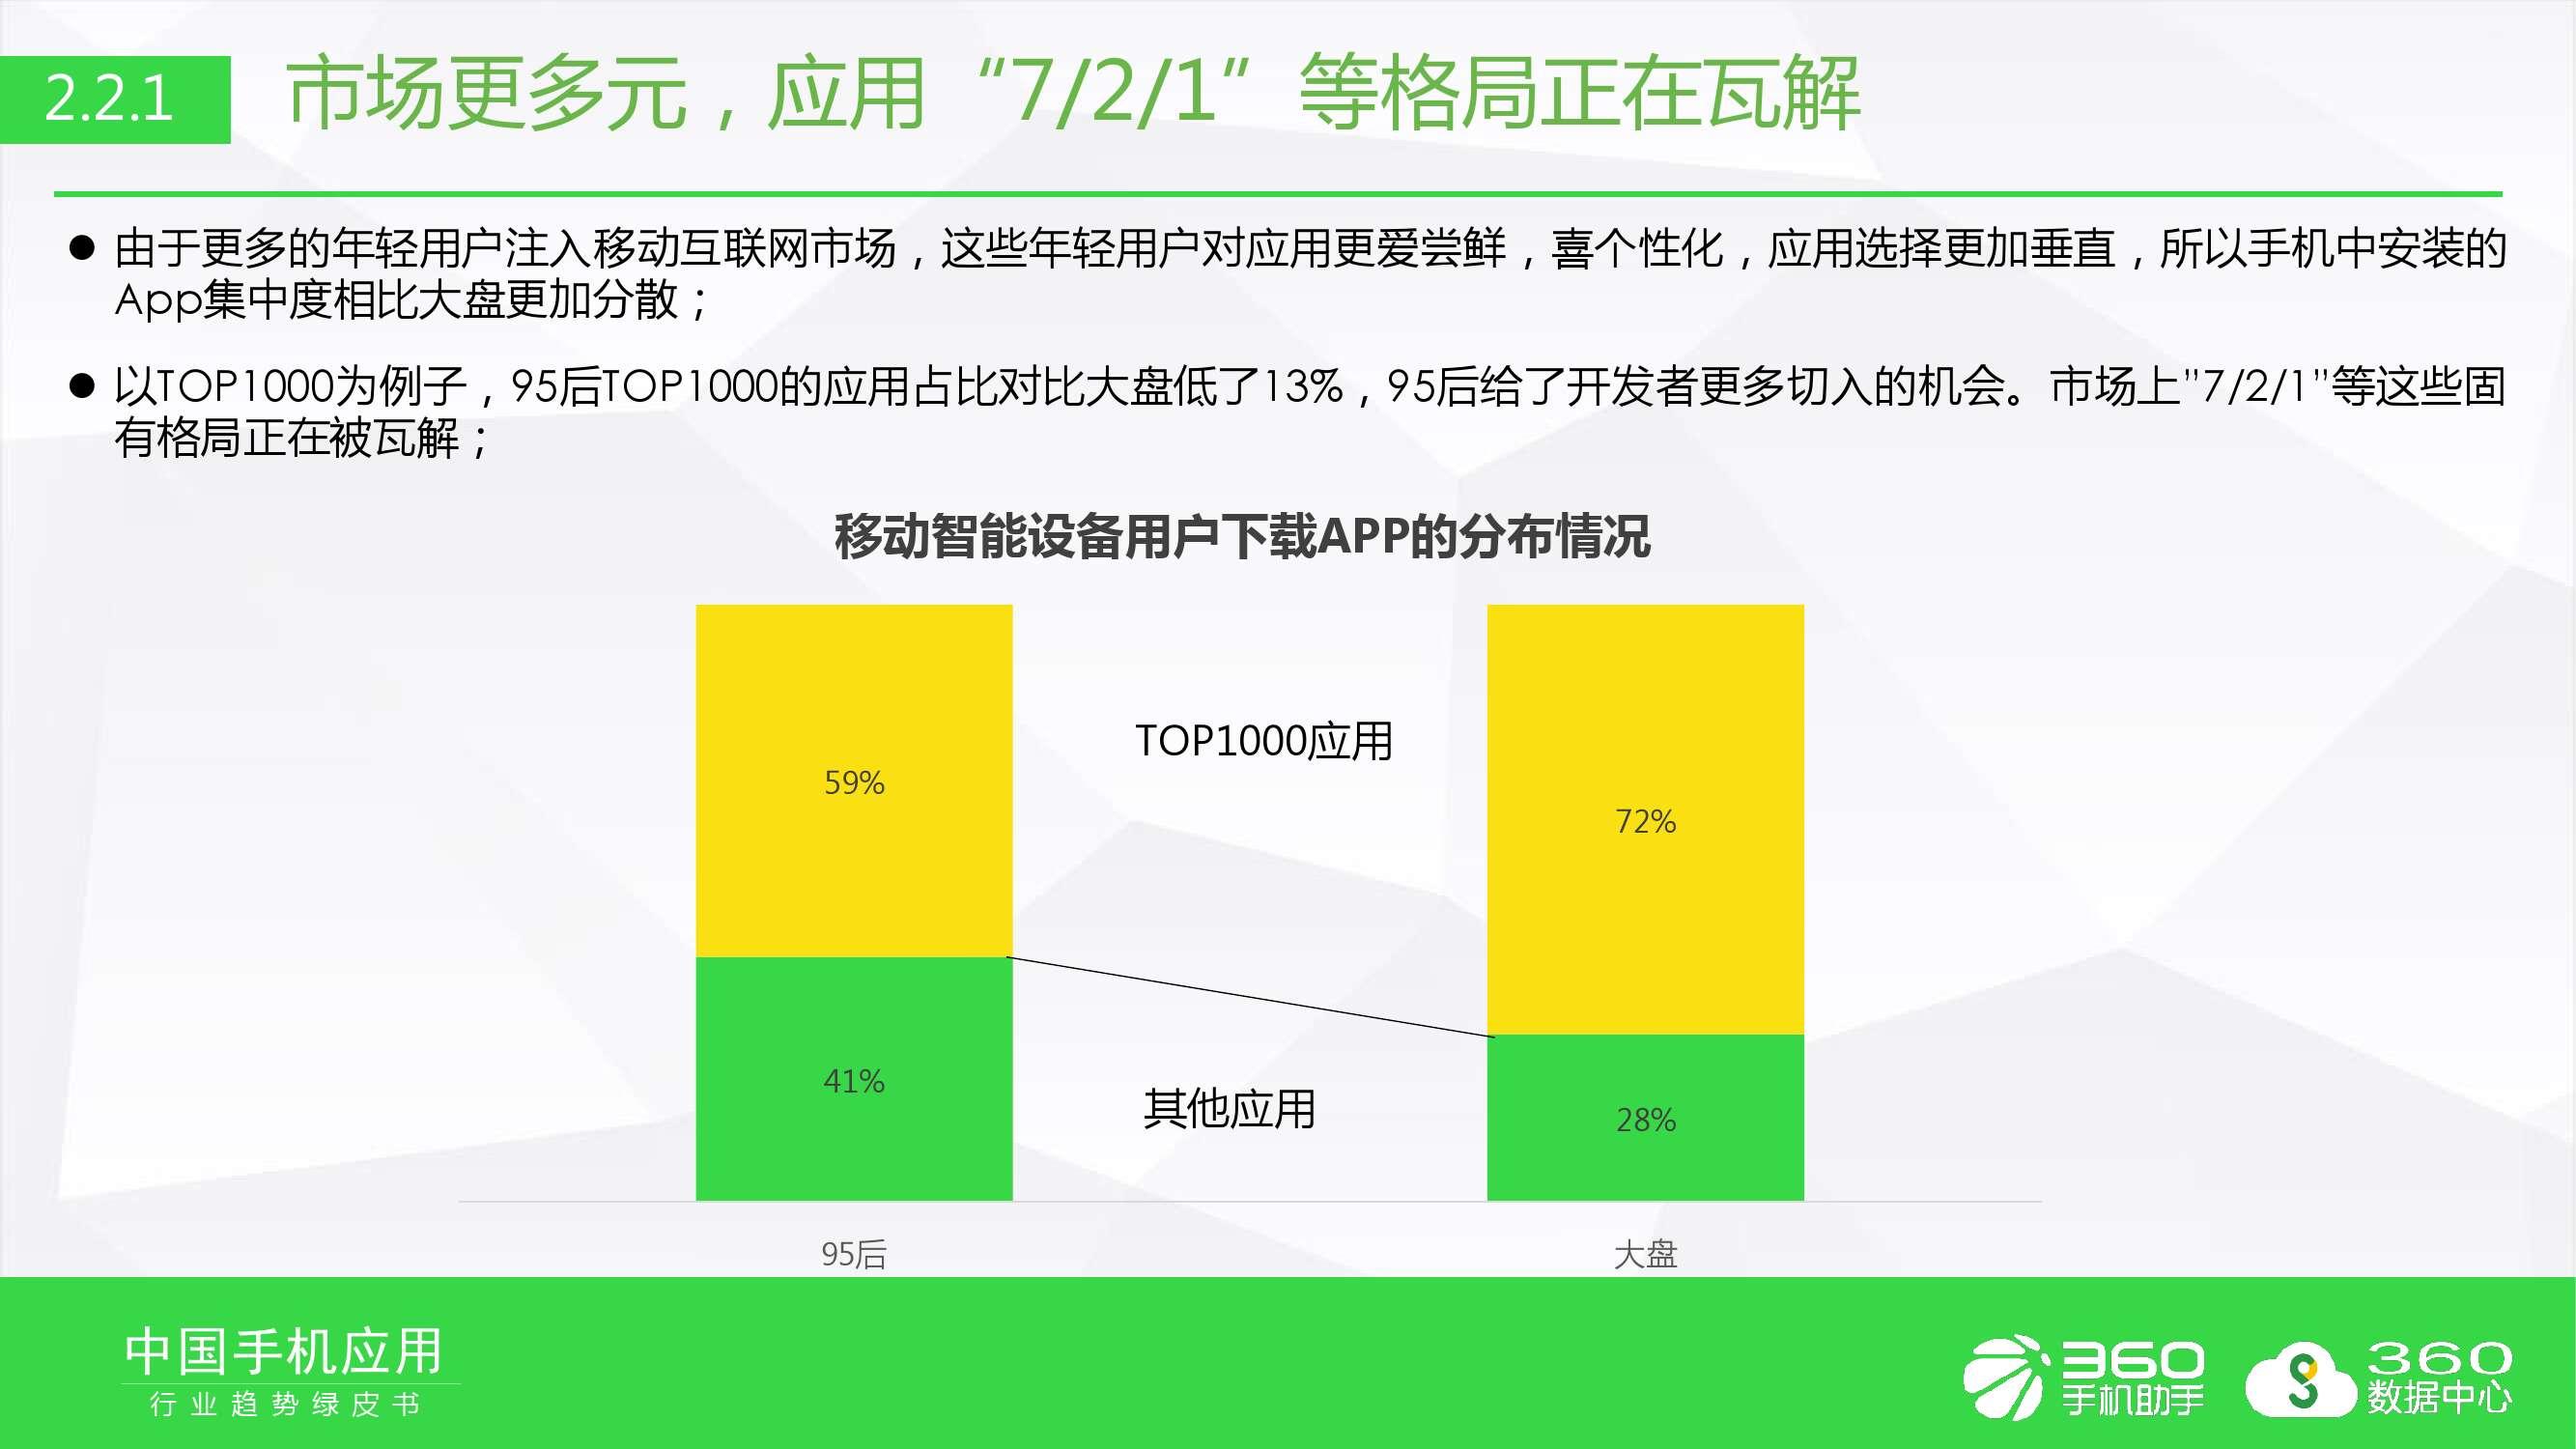 2016年手机软件行业趋势绿皮书_000017